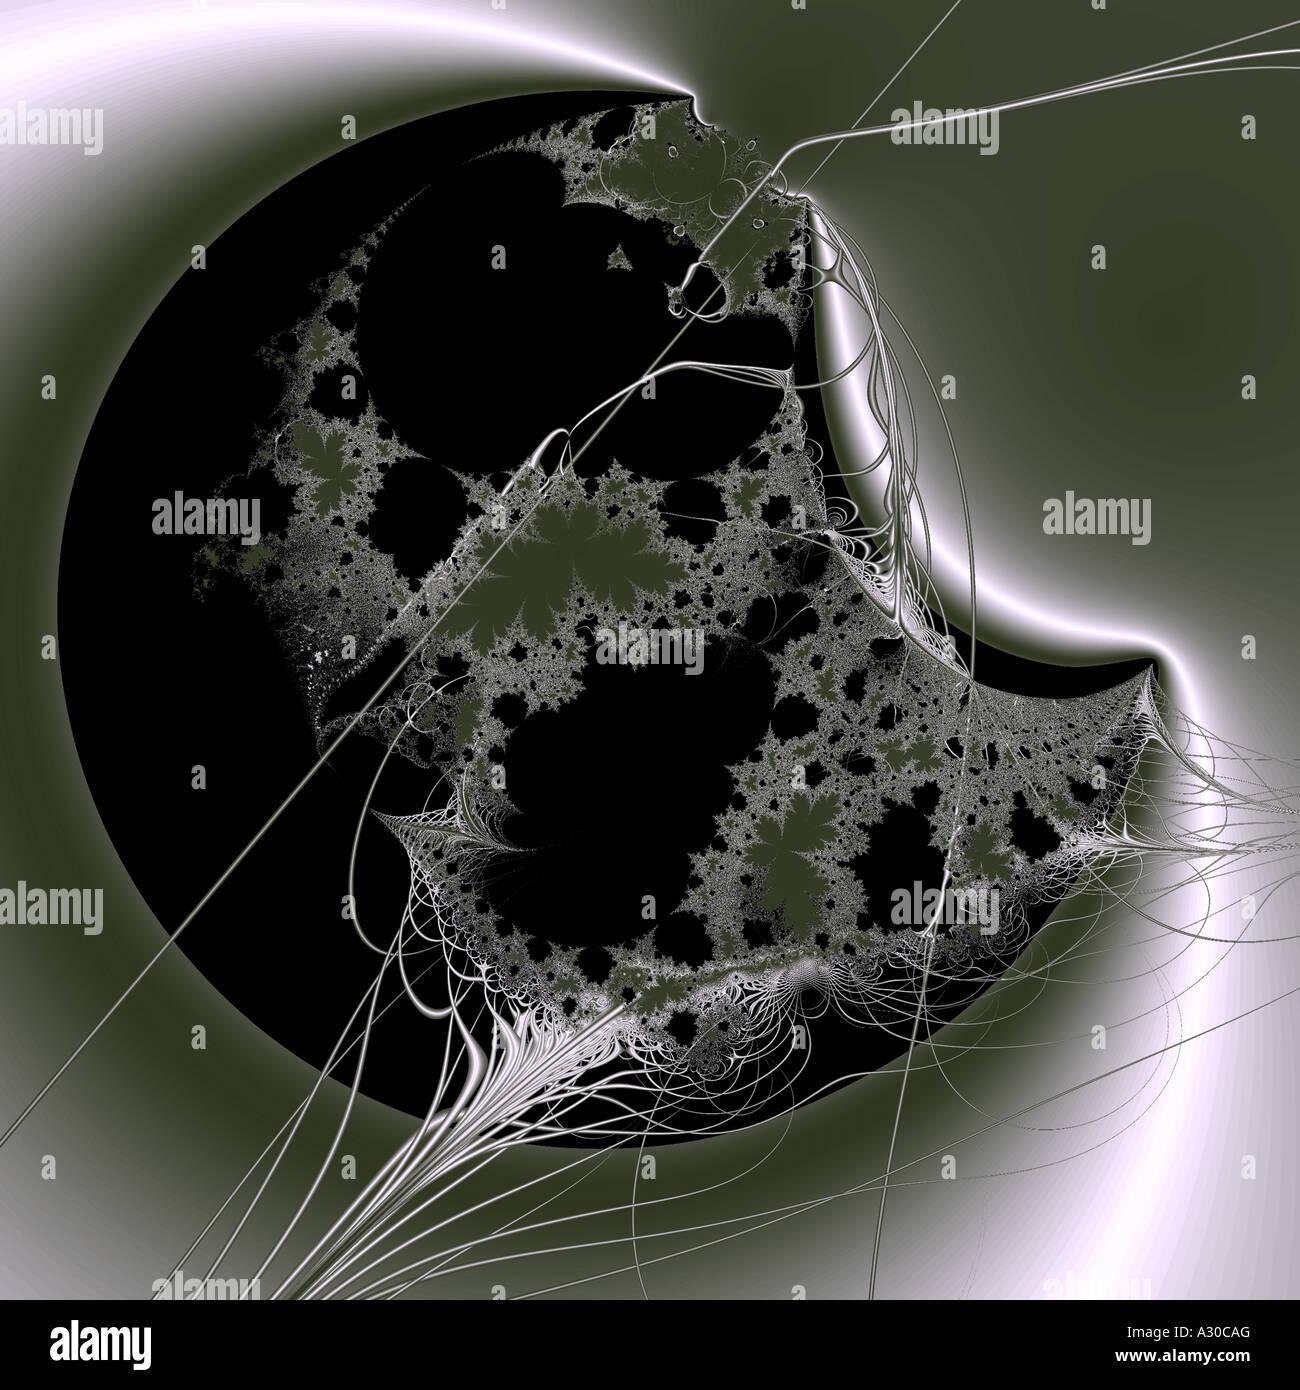 Computer generato frattale puzzle riflessione c attraverso la teoria surreale scienza straordinaria silhouette a Immagini Stock